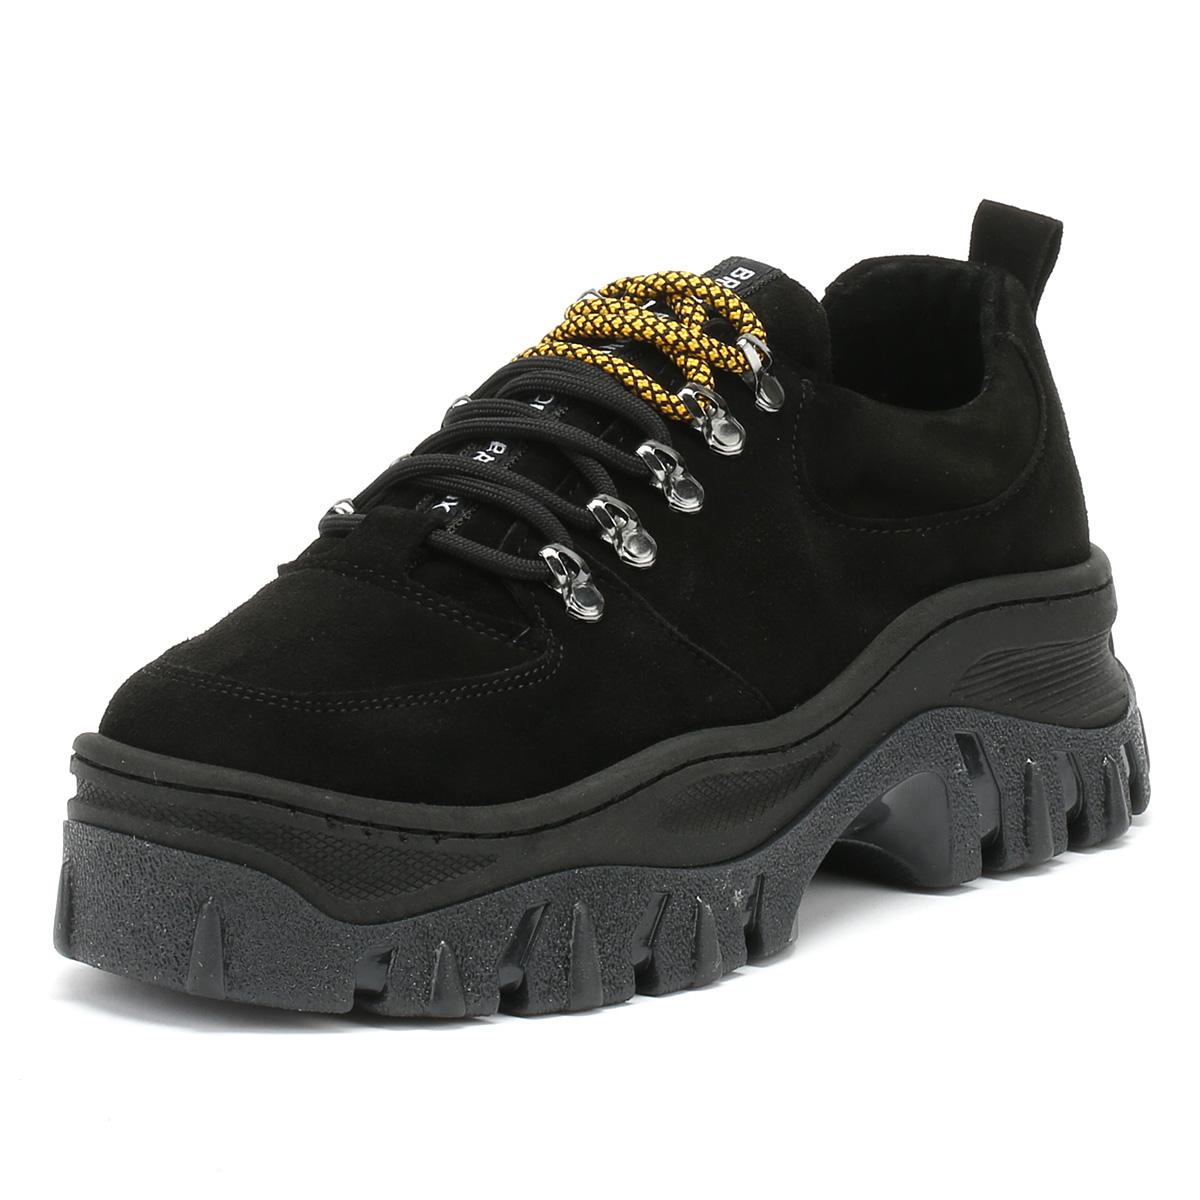 Bronx Bottines Femme Chunky Baskets Noir Jaxstar Lacets Sport Chaussures De Loisirs-afficher Le Titre D'origine